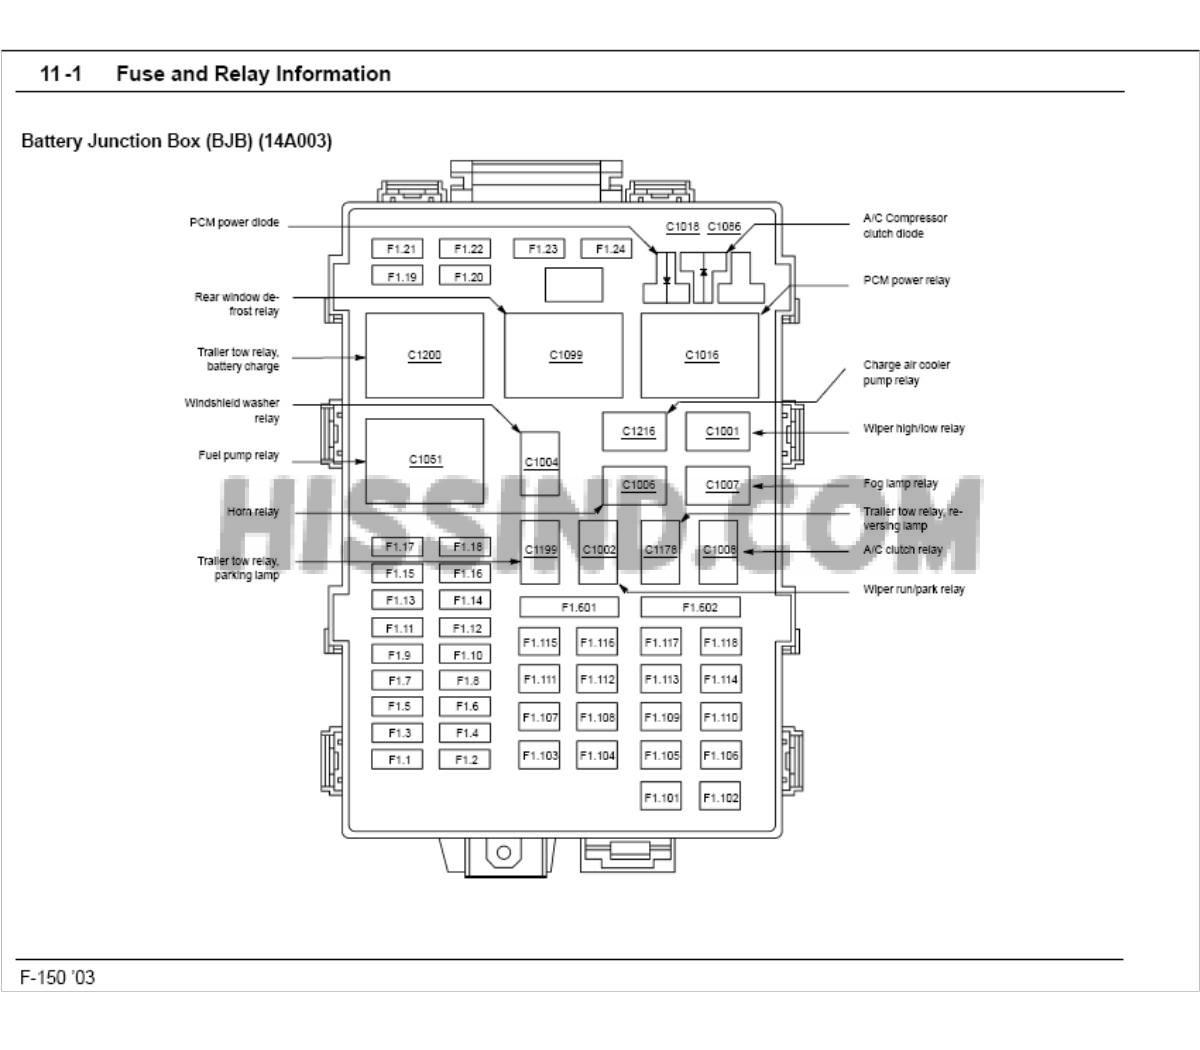 2000 ford f150 fuse box diagram engine bay rh diagrams hissind com 2000 ford f150 fuse box f150 fuse box 2000